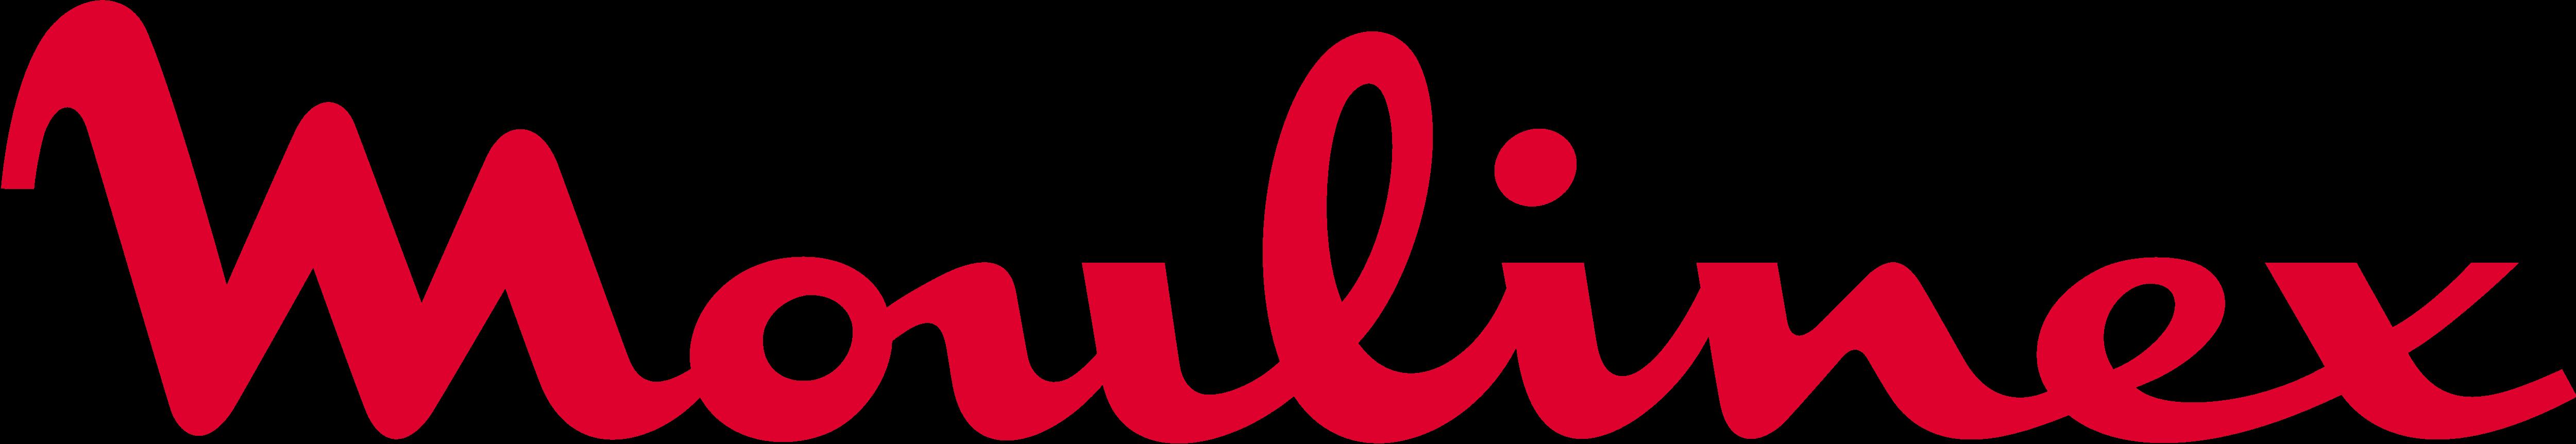 Image result for moulinex logo